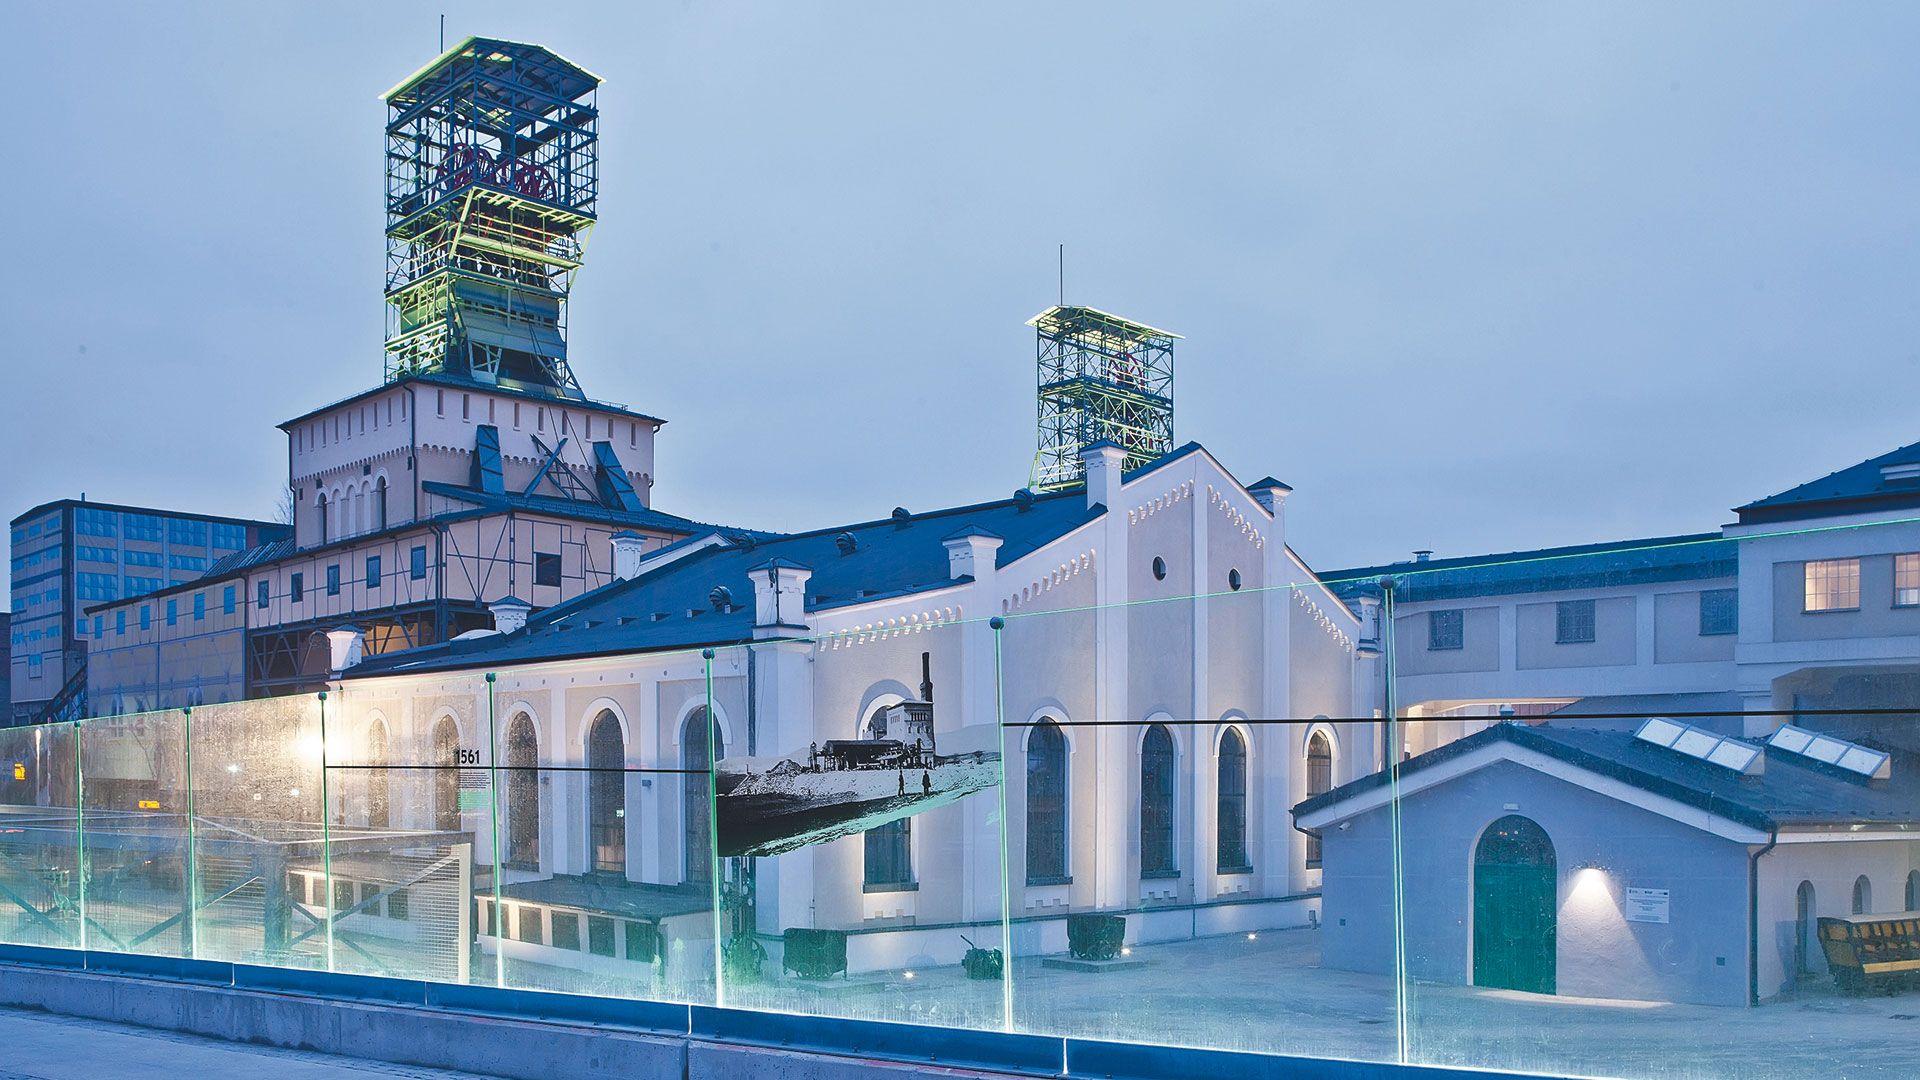 Z okazji festiwalu Tradycji Górniczych Barbórka 2019 Zwiedzanie Starej kopalni za 5 ZŁ 5 grudnia!